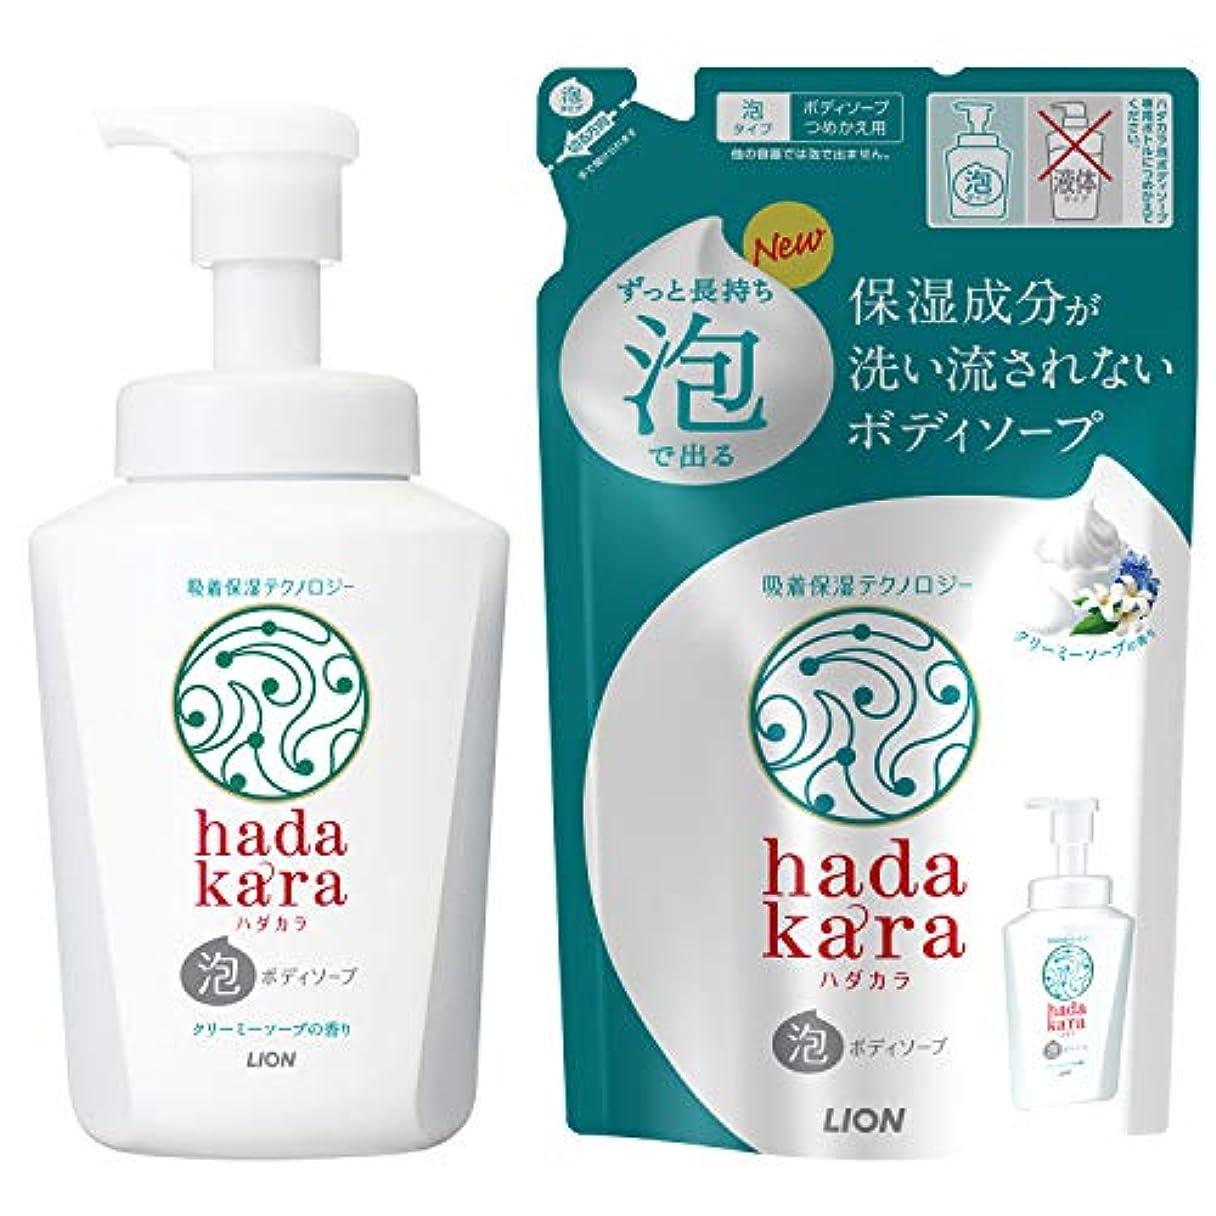 契約気分が良い敬意hadakara(ハダカラ) ボディソープ 泡タイプ クリーミーソープの香り 本体550ml+詰替440ml